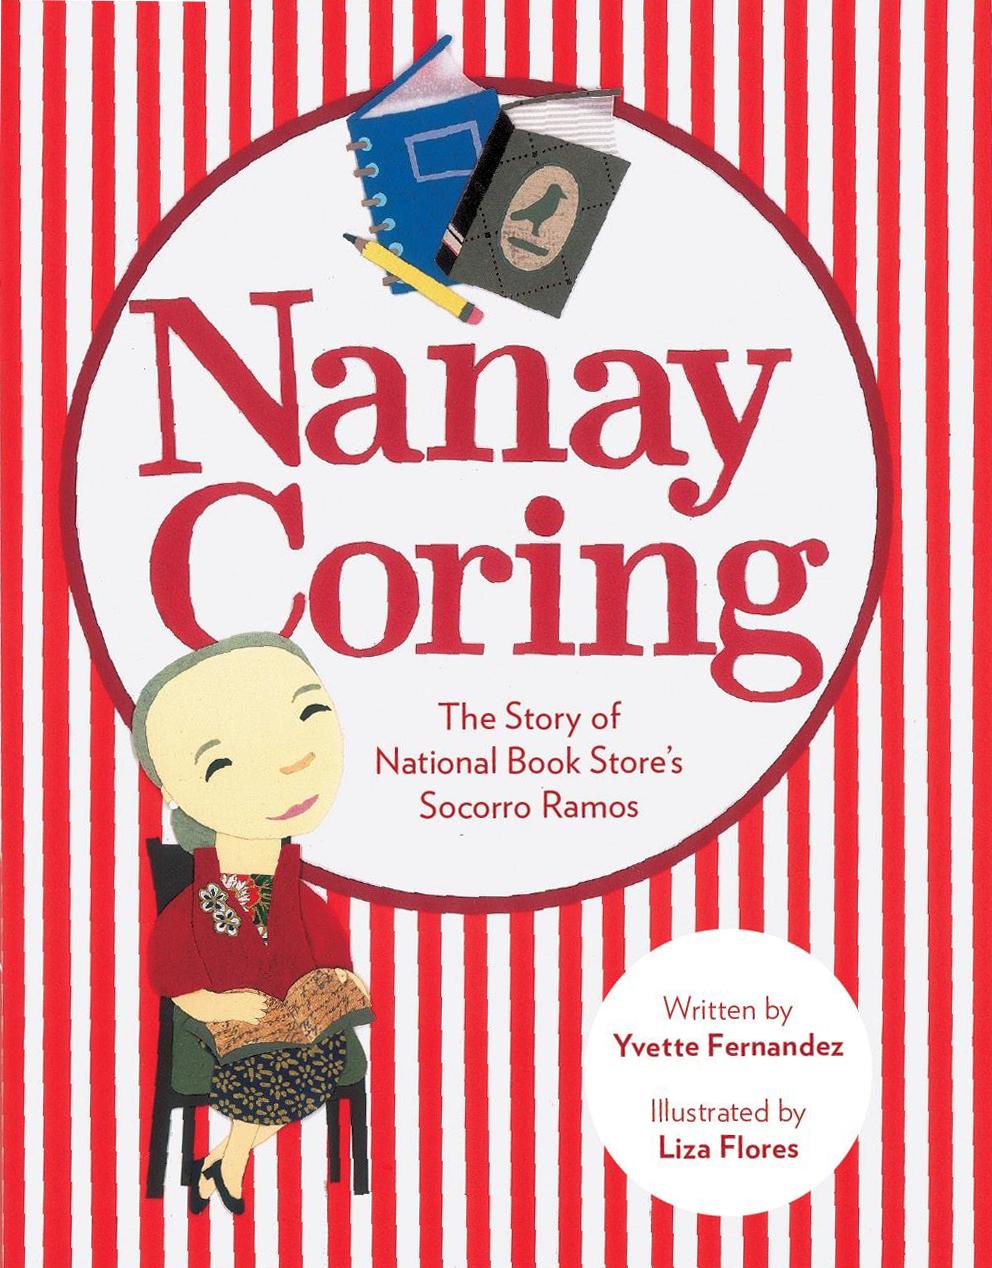 Nanay Coring